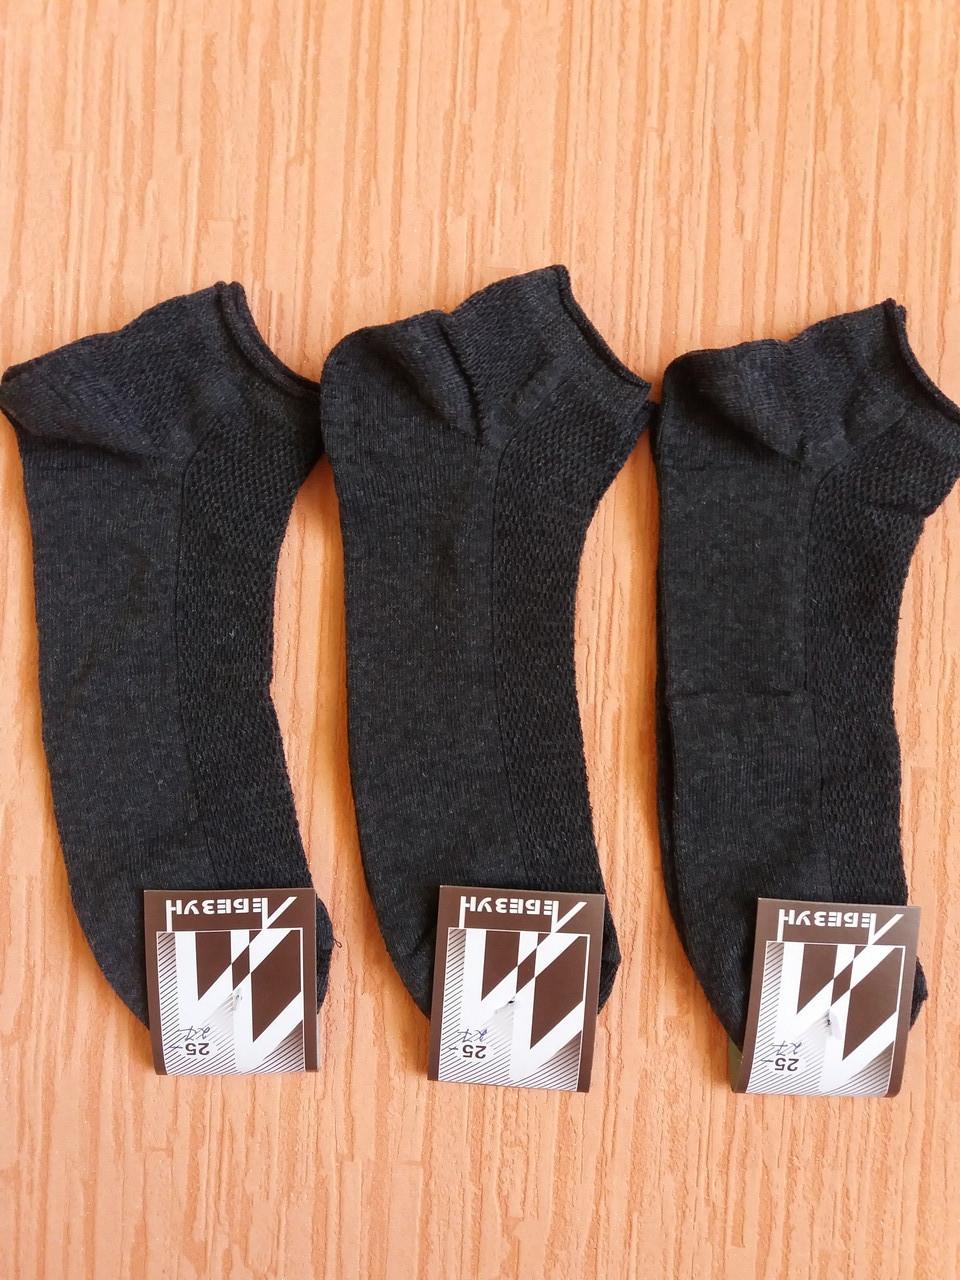 Шкарпетки чоловічі вставка сіточка укорочені бавовна+стрейч р. 25-27 сірий. Від 6 пар по 5.5 грн